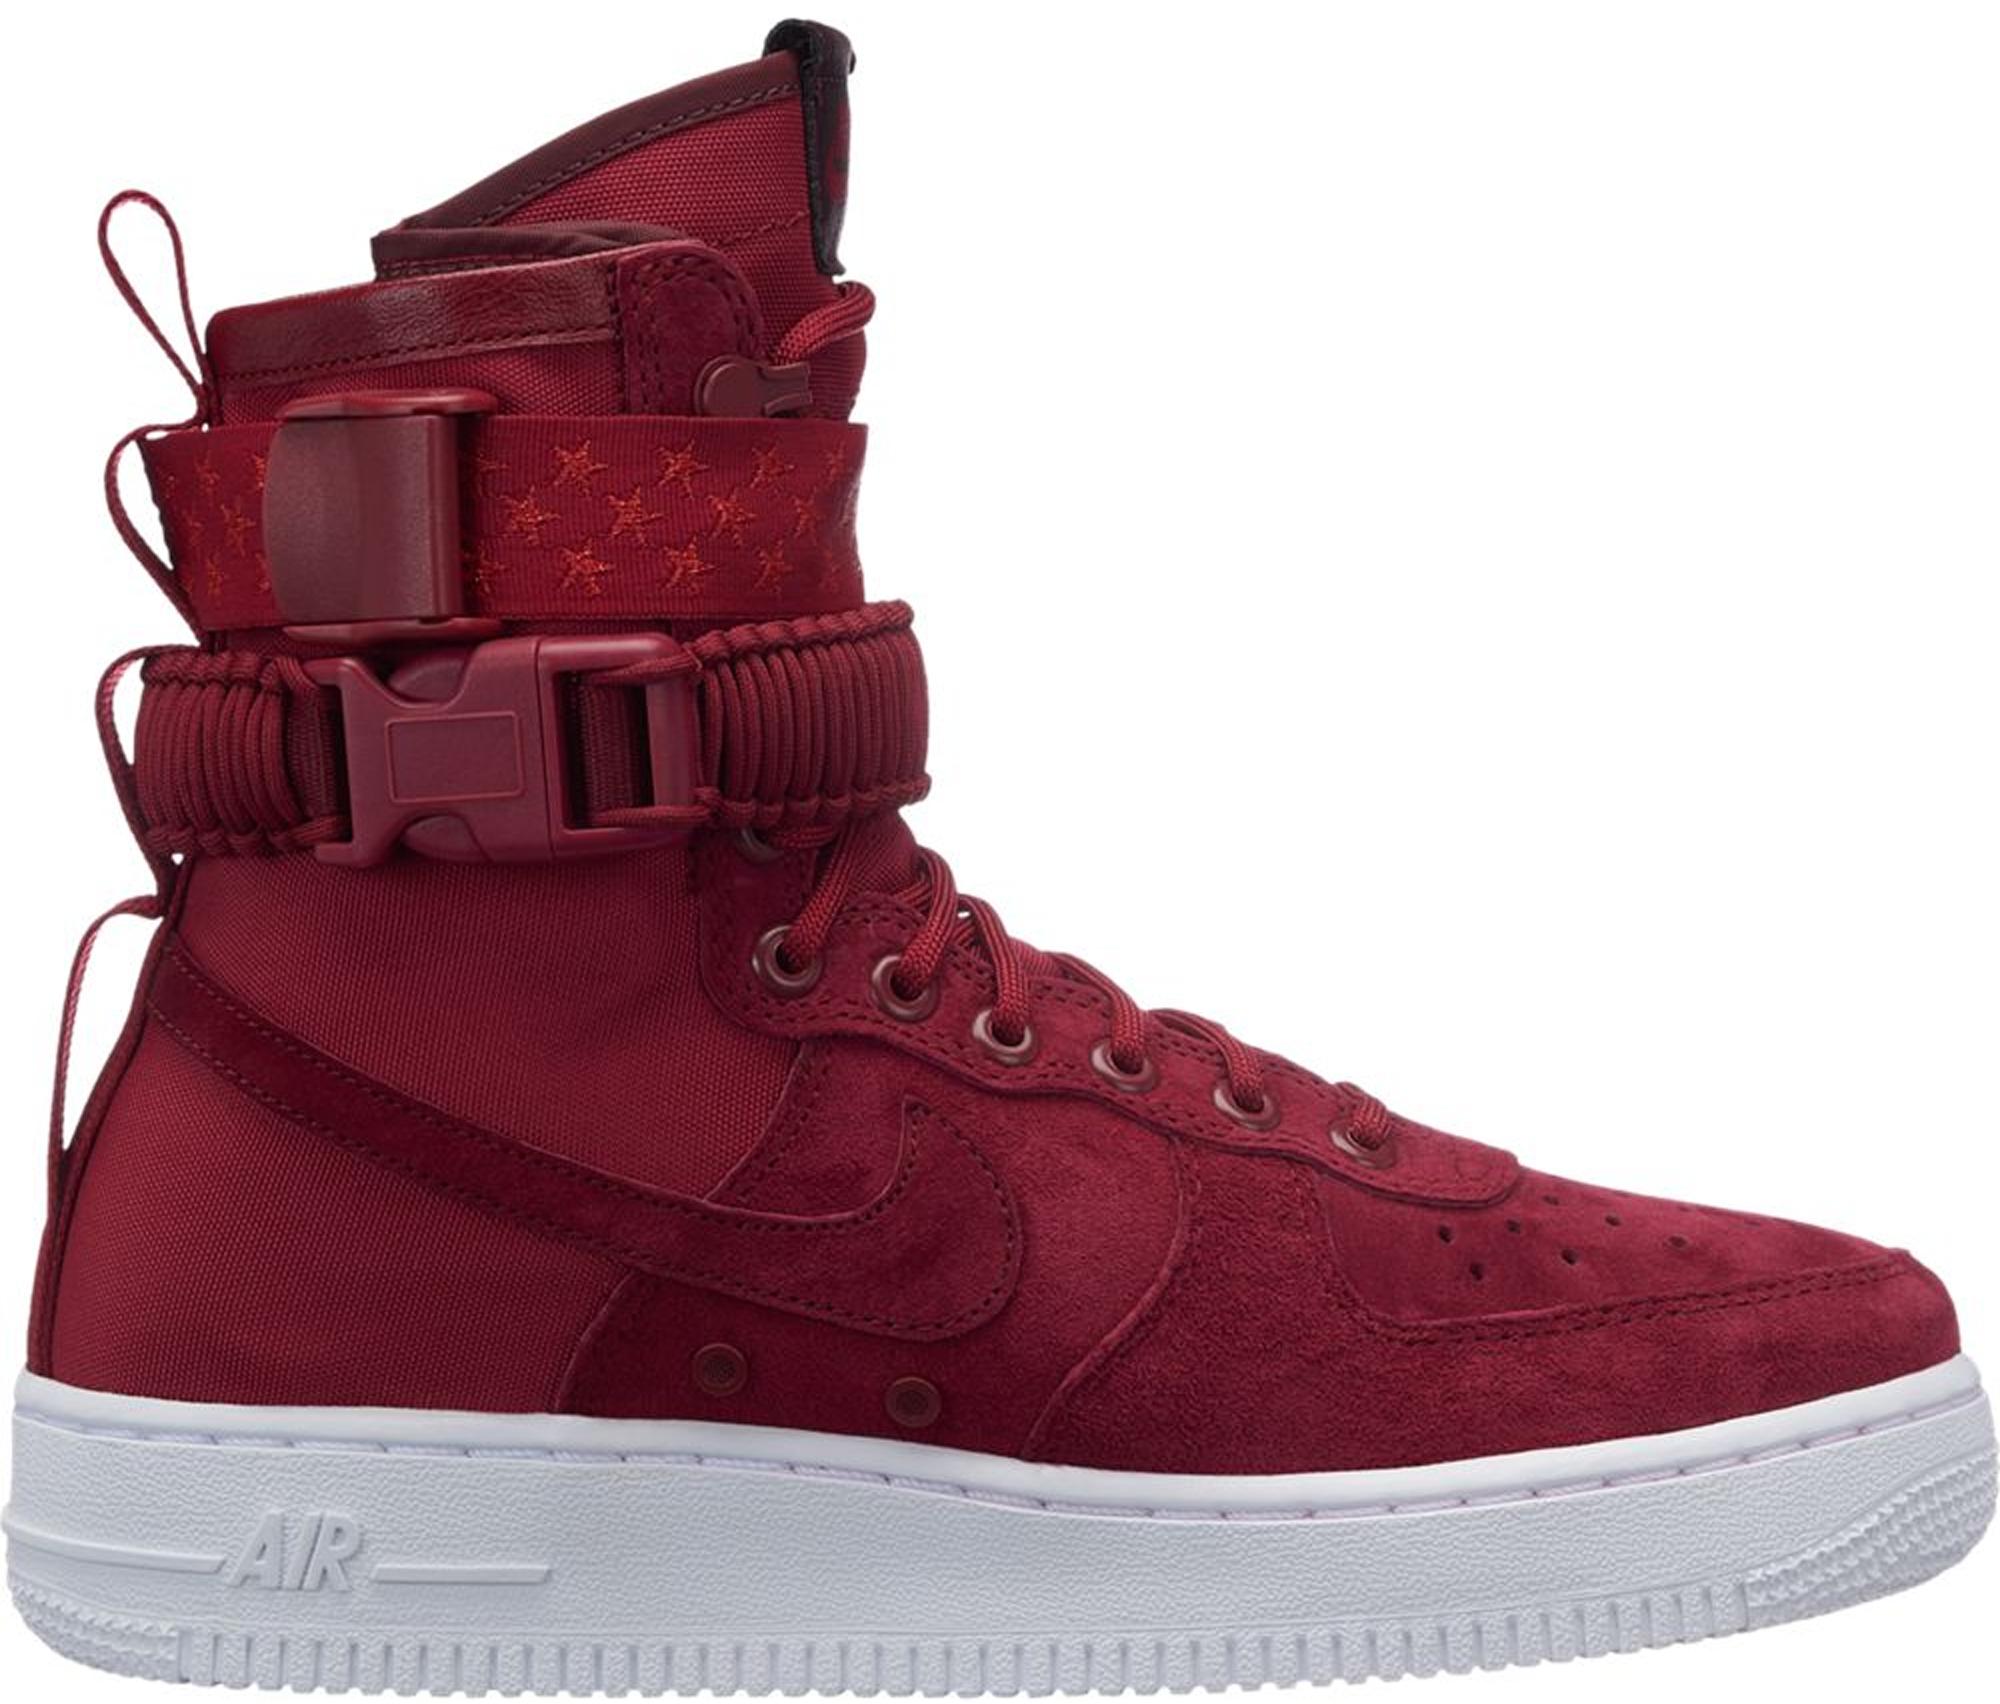 Nike SF Air Force 1 High Red Crush (W